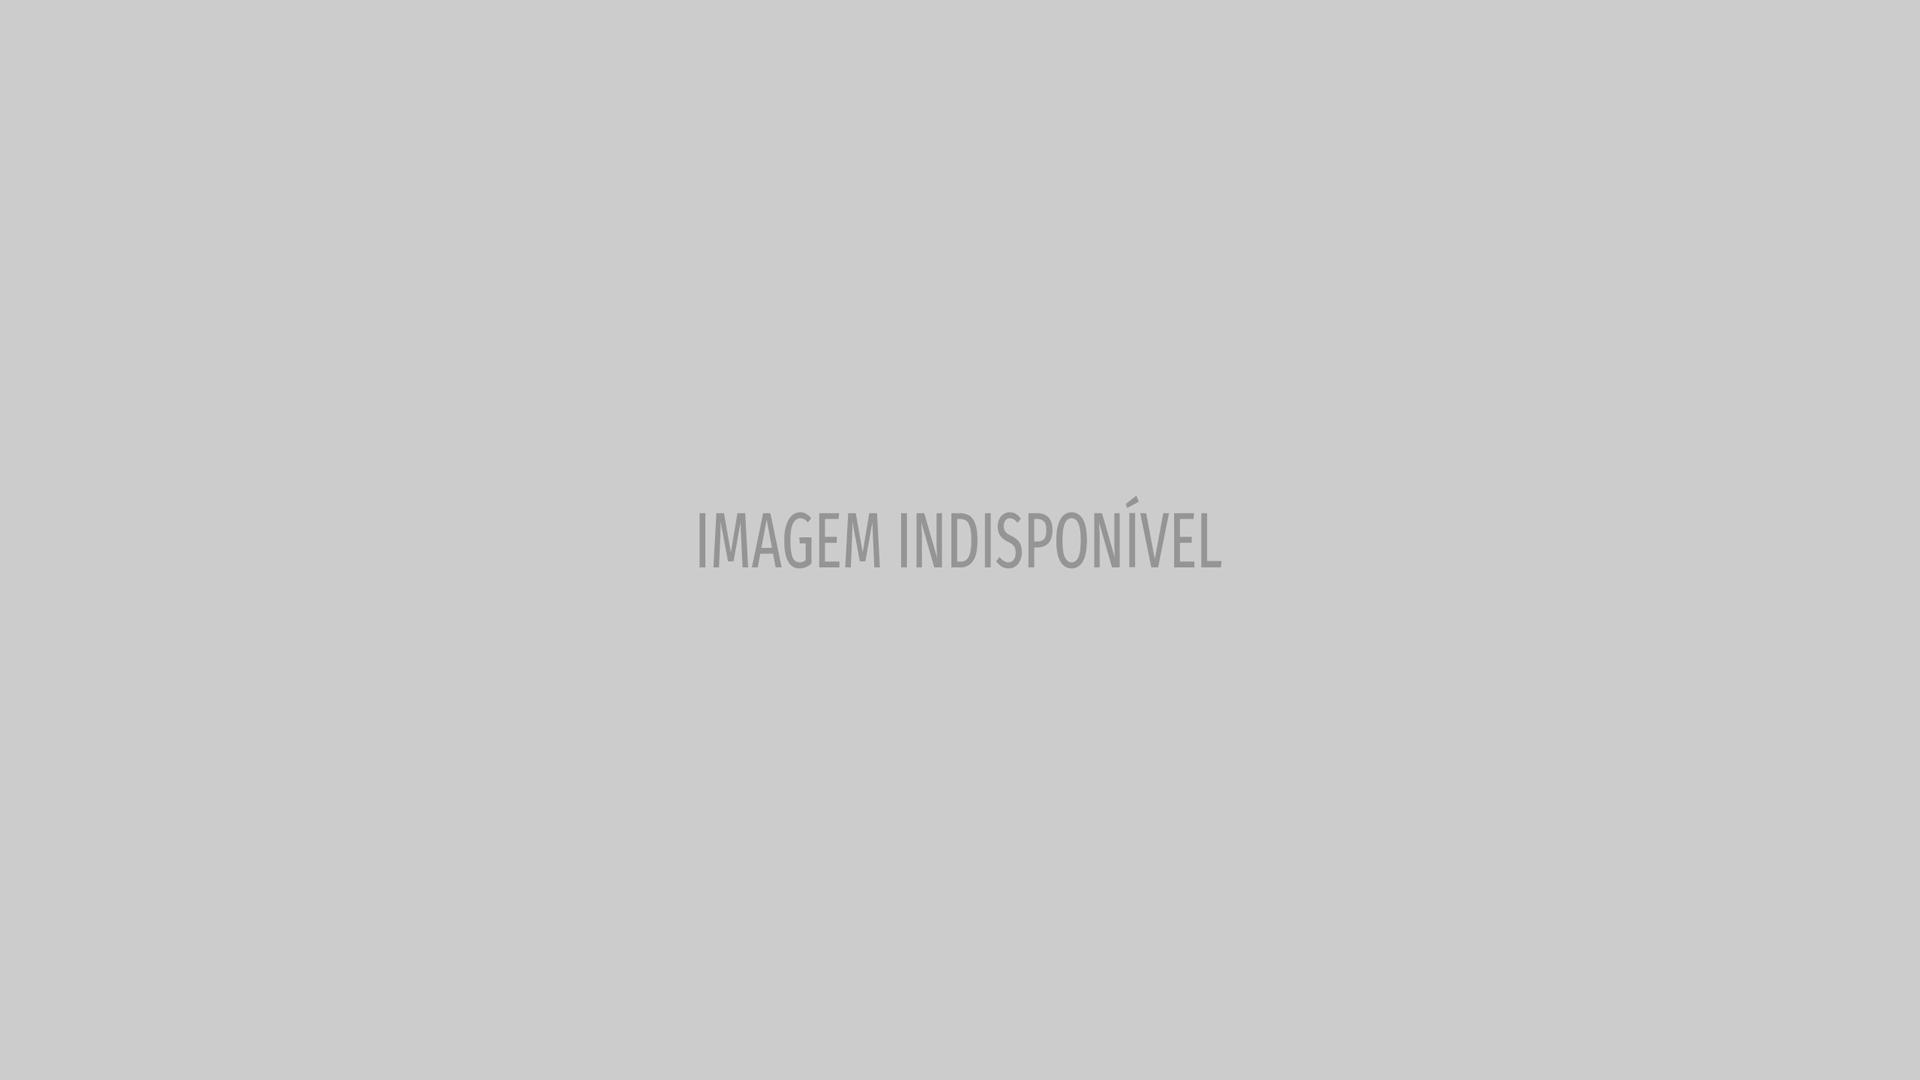 Objeto 'extraterrestre' faz cientistas repensaram origem no universo